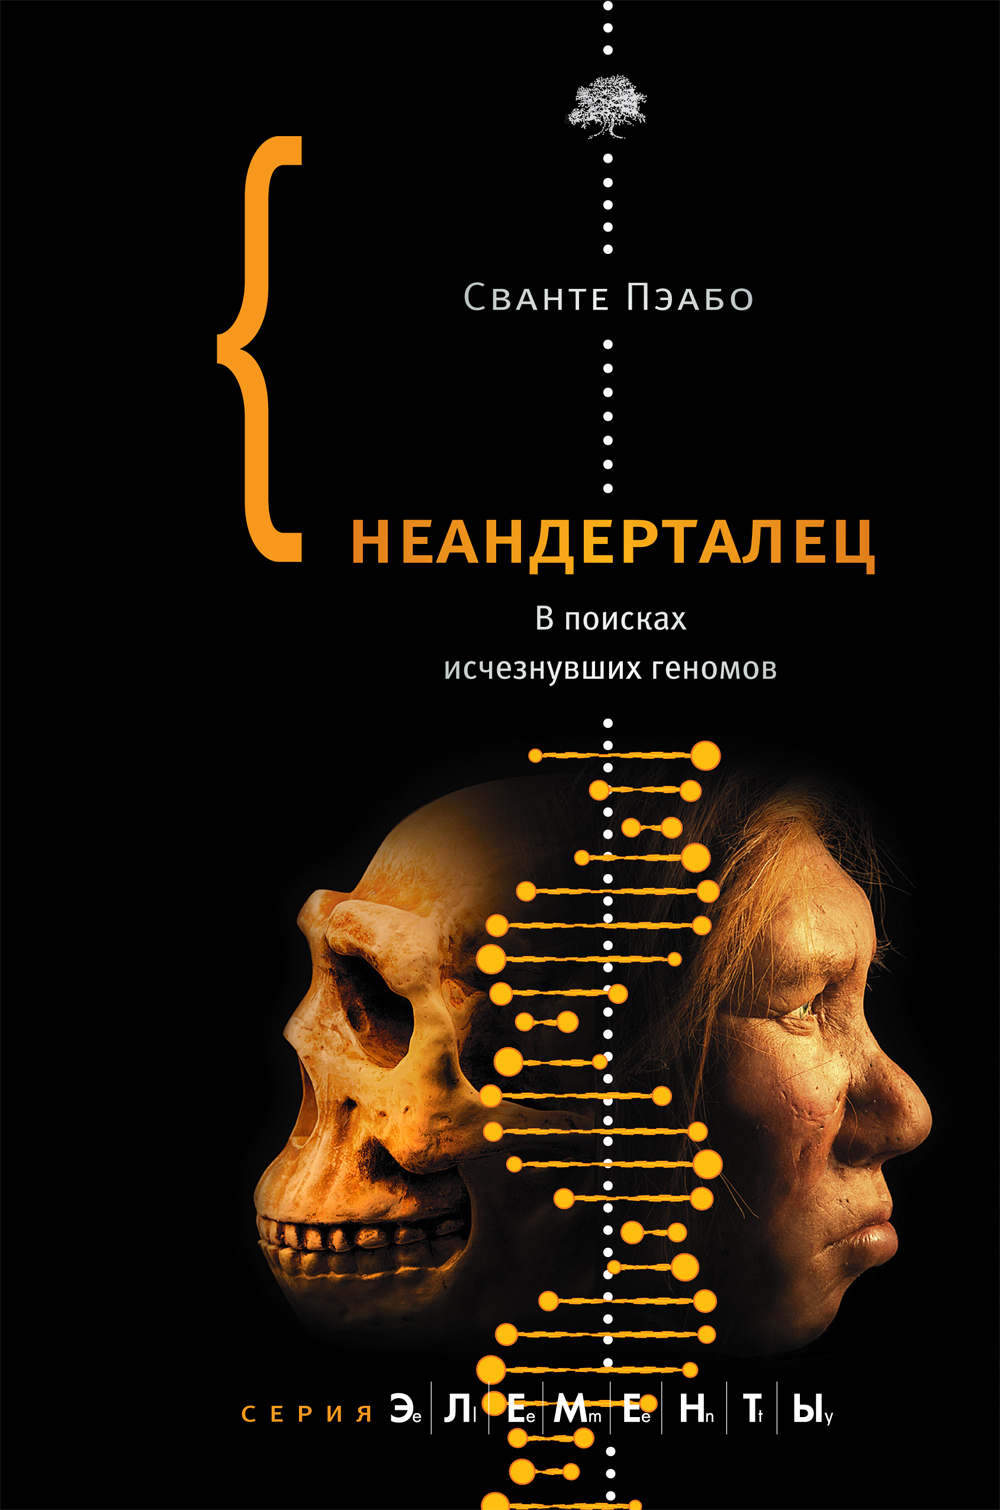 Обложка книги Пэабо «Неандерталец».